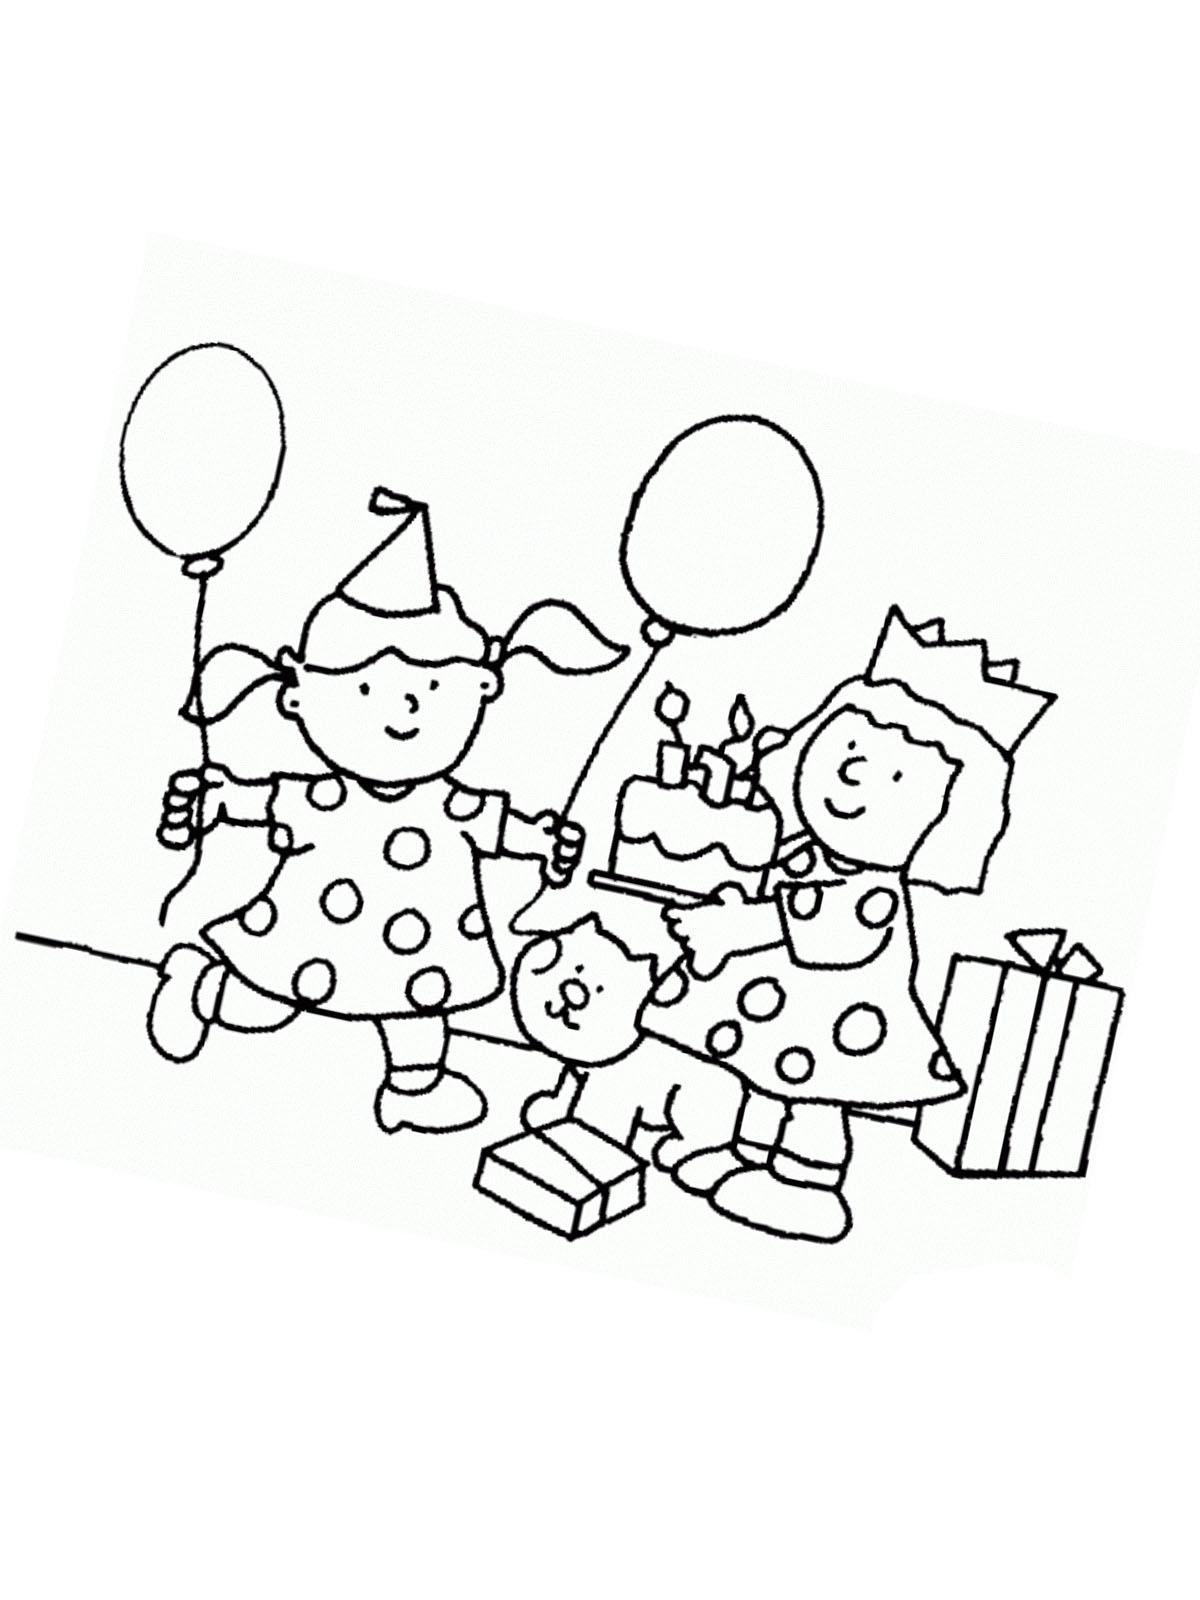 Malvorlagen Zum Geburtstag Die Beste Idee Zum Ausmalen Von Seiten